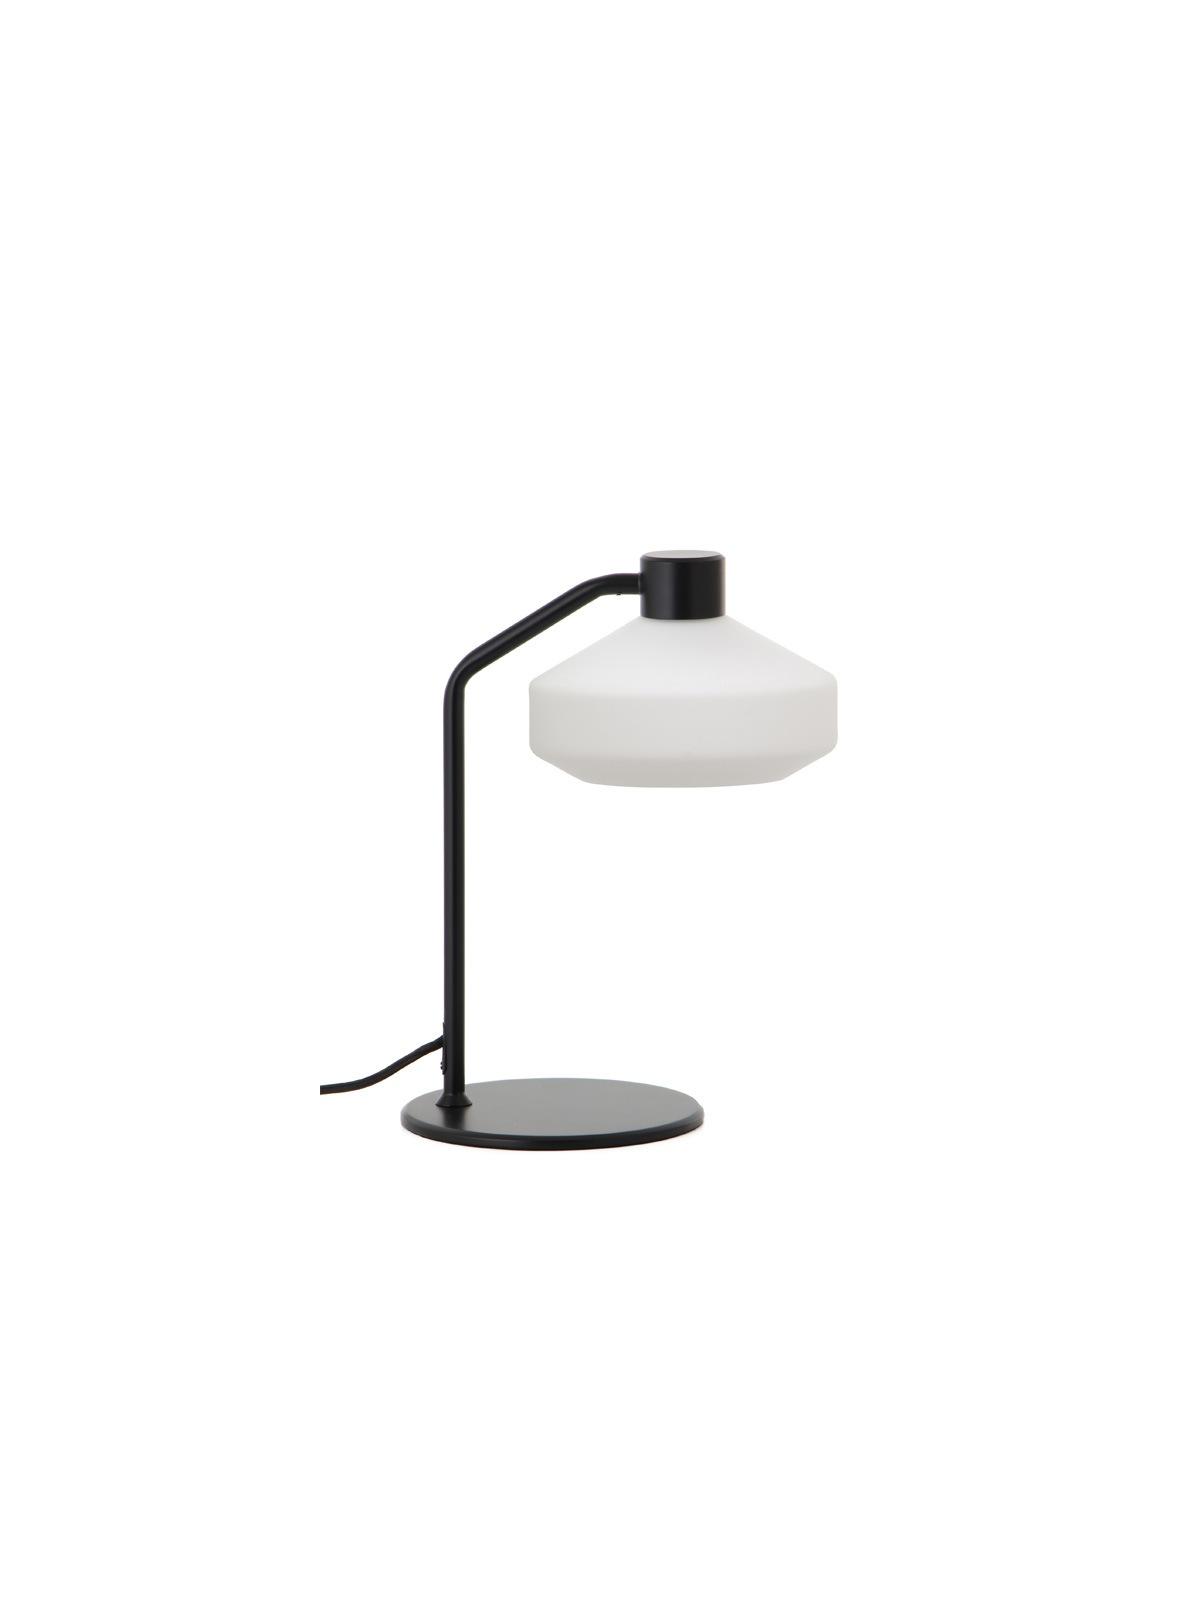 Mayor Table Lamp Frandsen Tischleuchte DesignOrt Lampen Onlineshop Berlin